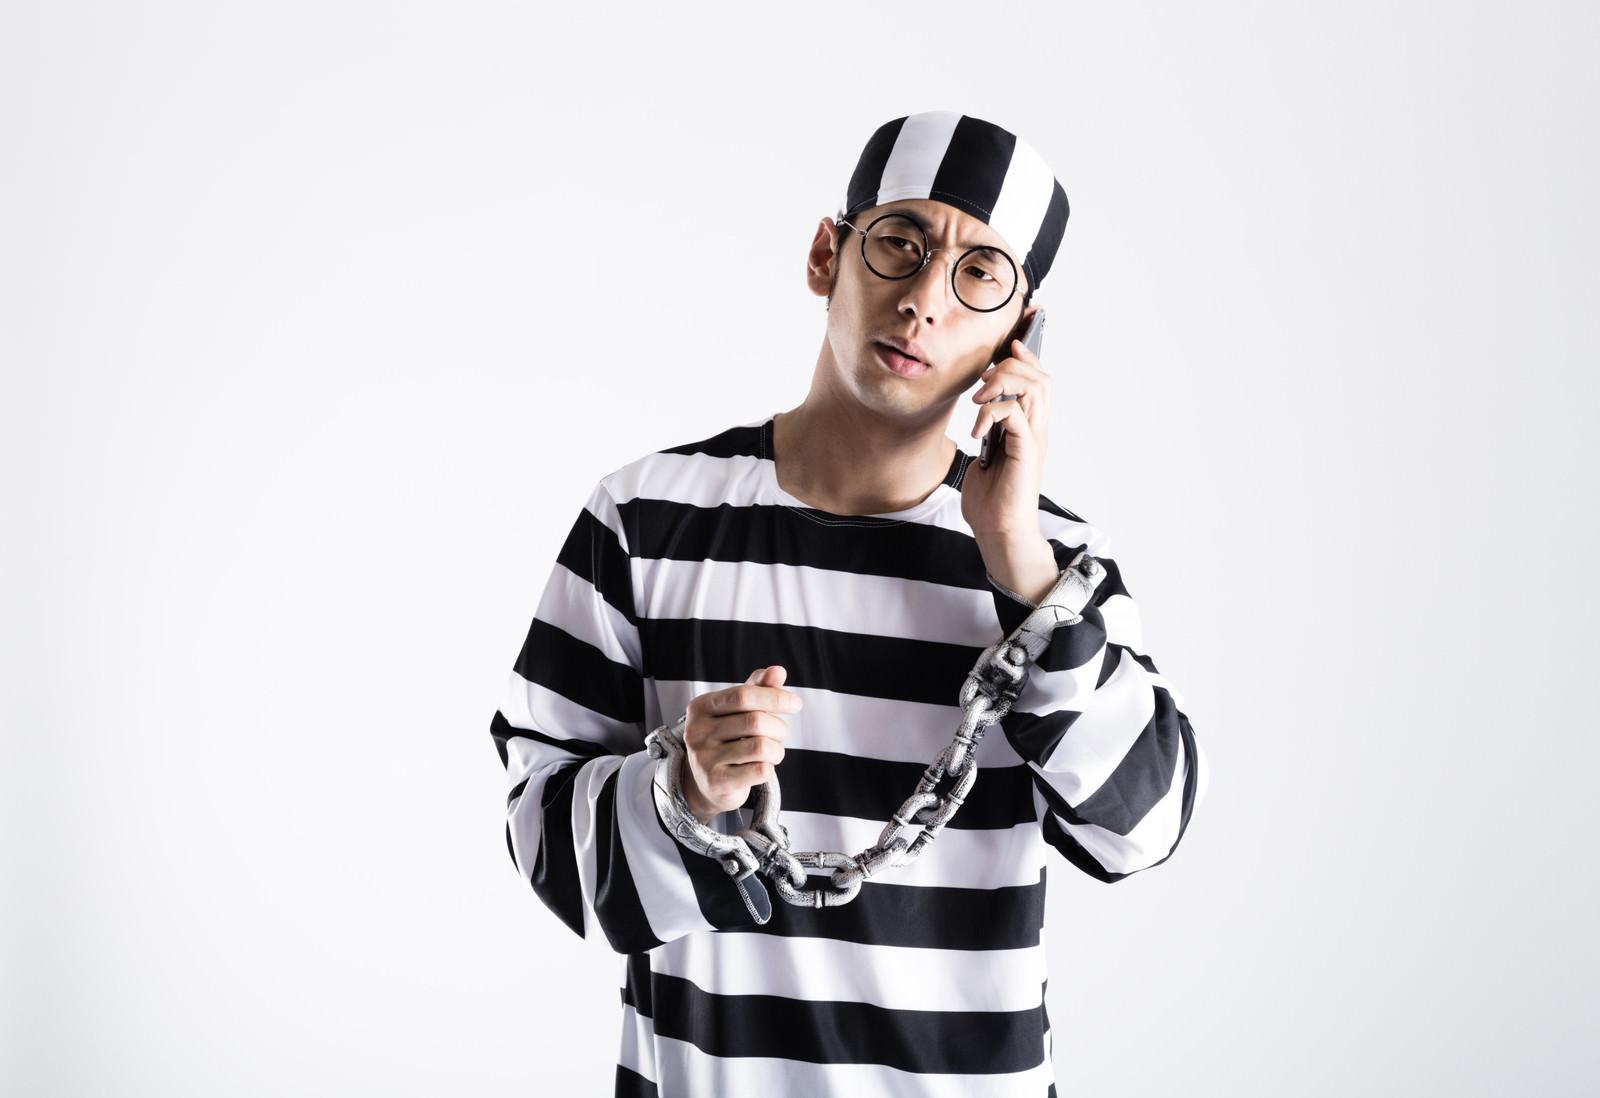 「鍵の110番に電話をする囚人鍵の110番に電話をする囚人」[モデル:大川竜弥]のフリー写真素材を拡大